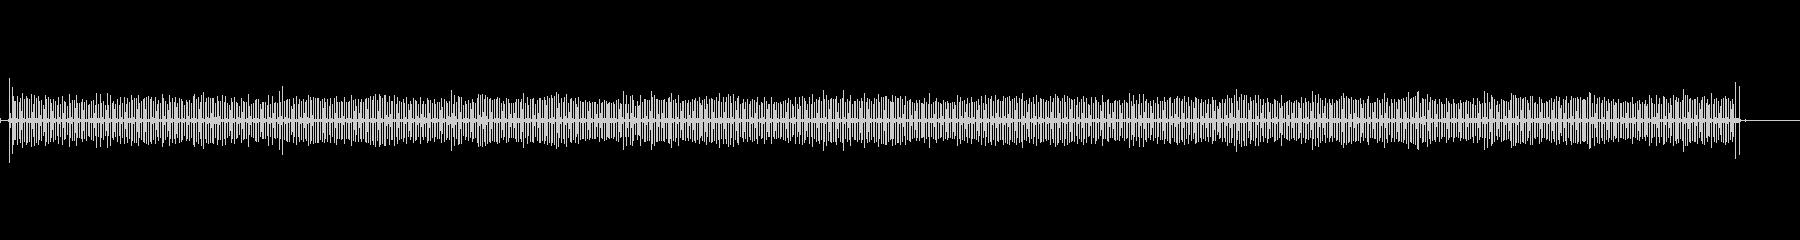 時計-カチカチ音をたてるストップウ...の未再生の波形